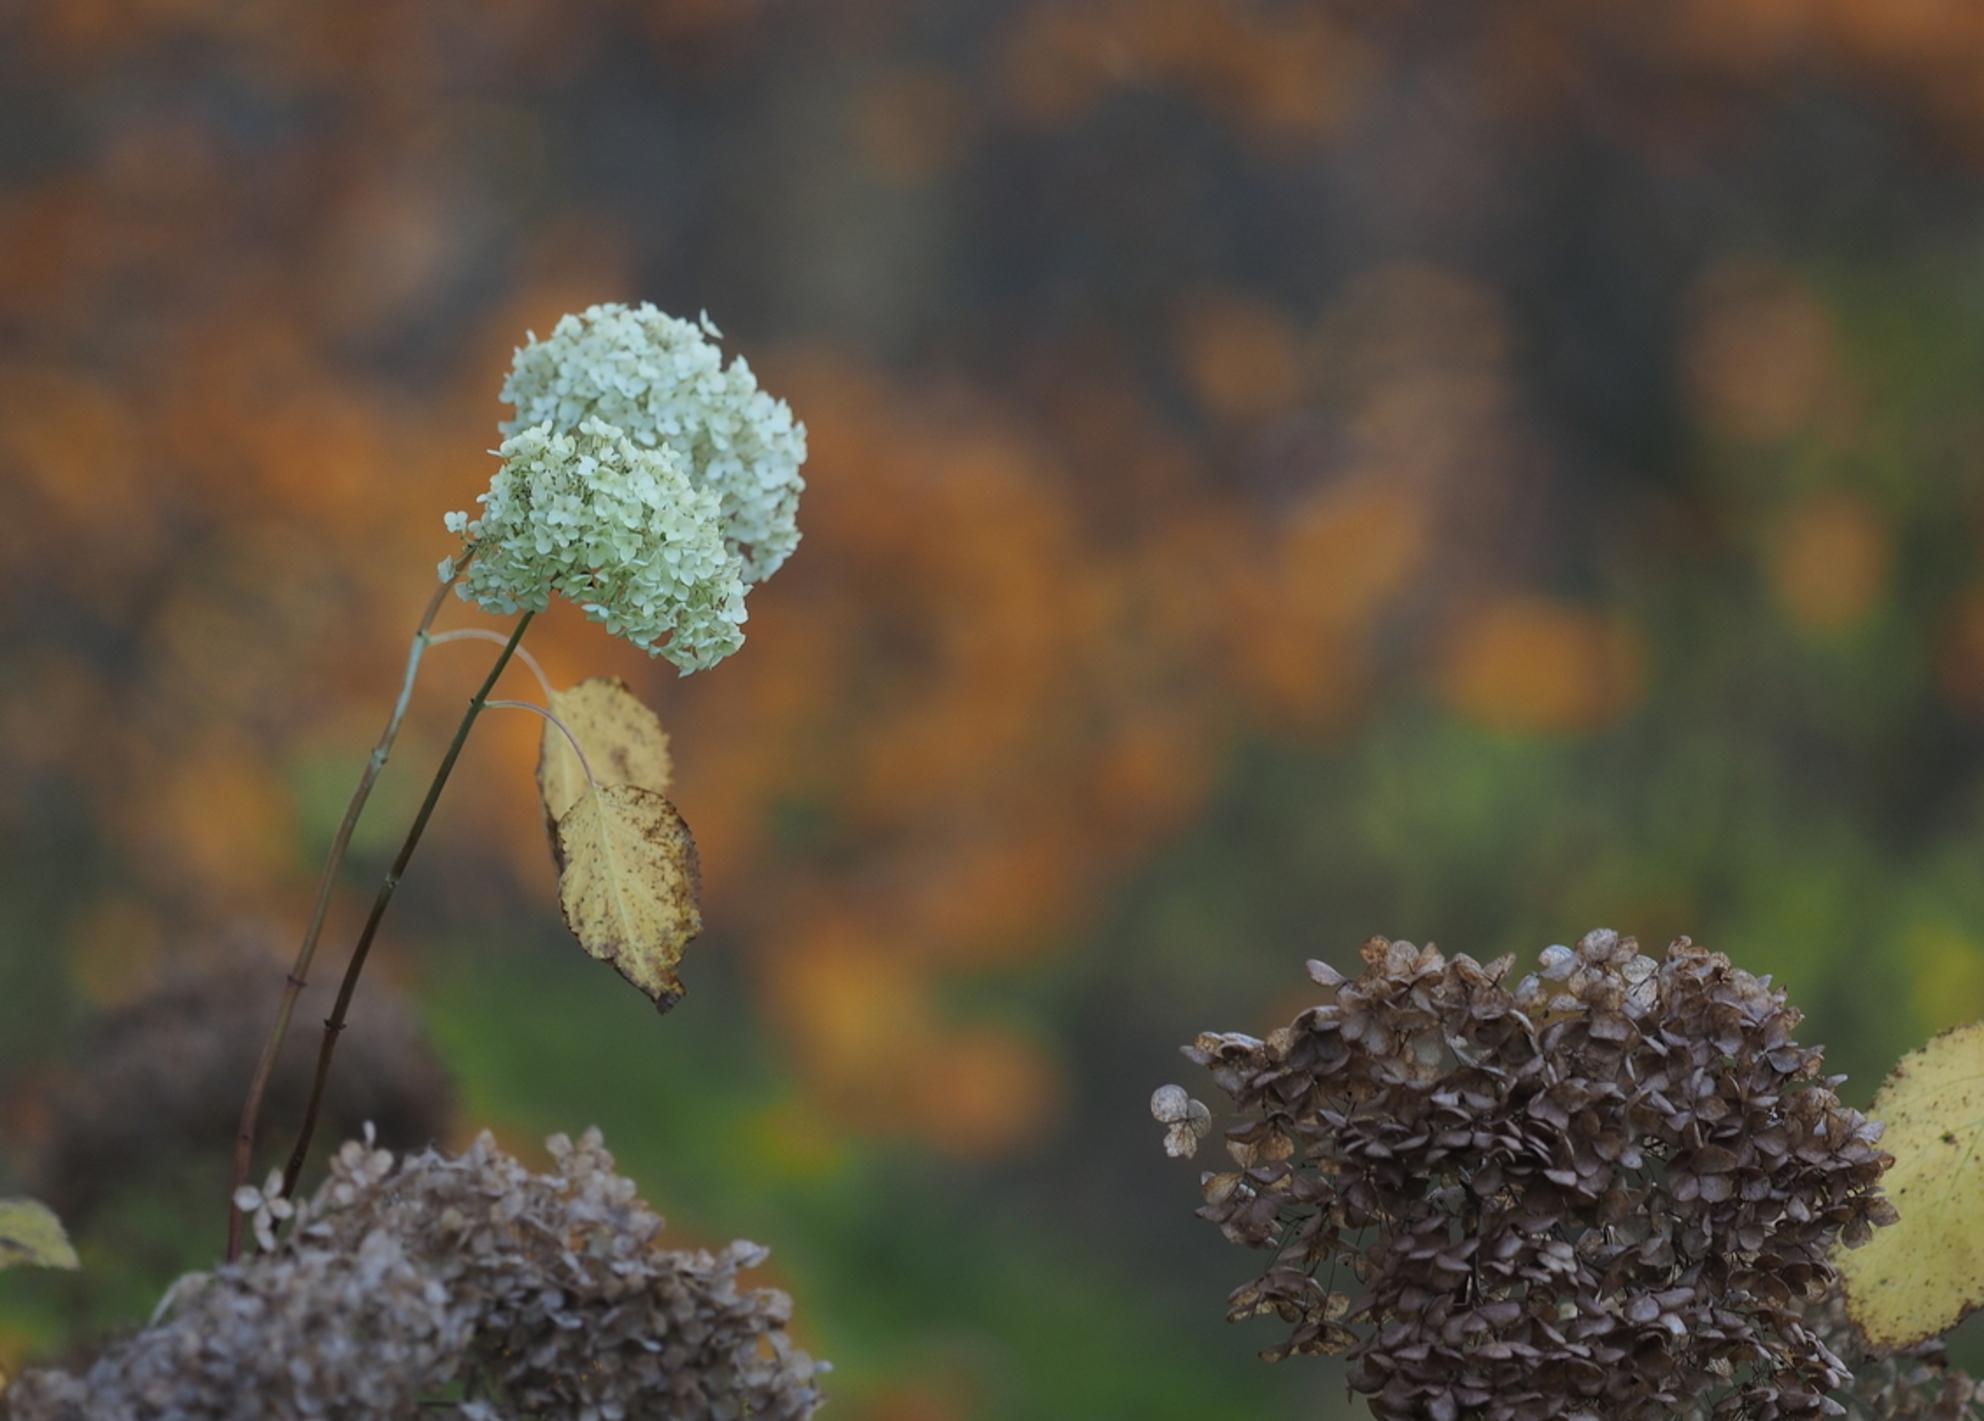 De Laatste..... - In het Wit... - foto door pietsnoeier op 26-11-2016 - deze foto bevat: kleur, wit, bloem, natuur, herfst, tuin, dof, Anabel